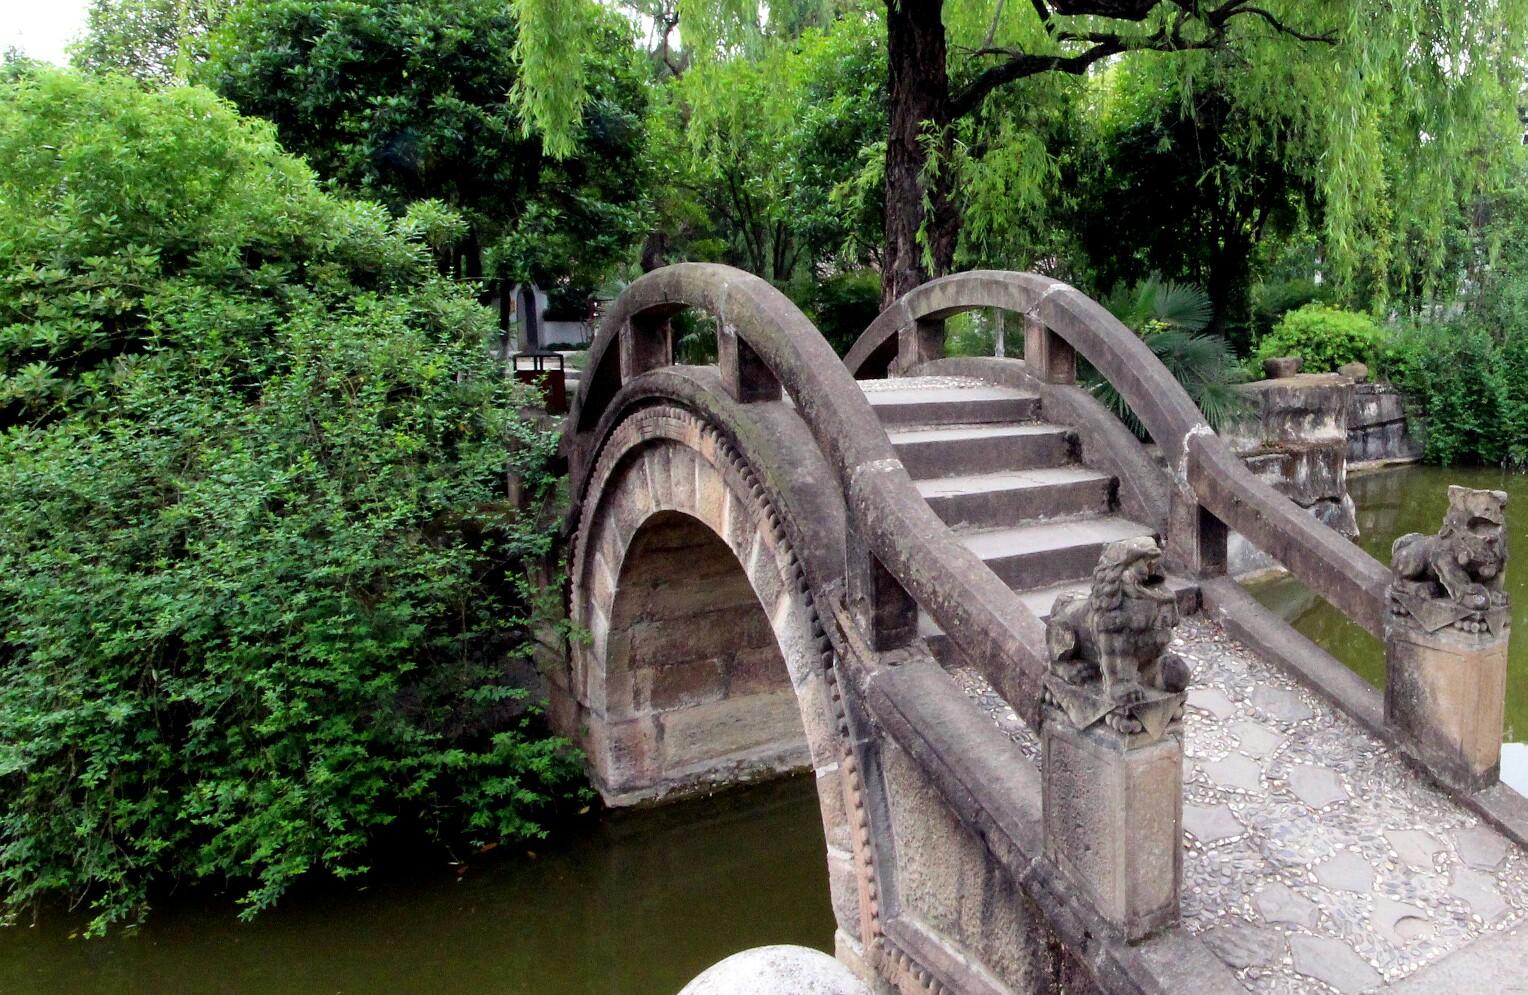 桥流水,小小的石拱桥,城市游客散步的好地方